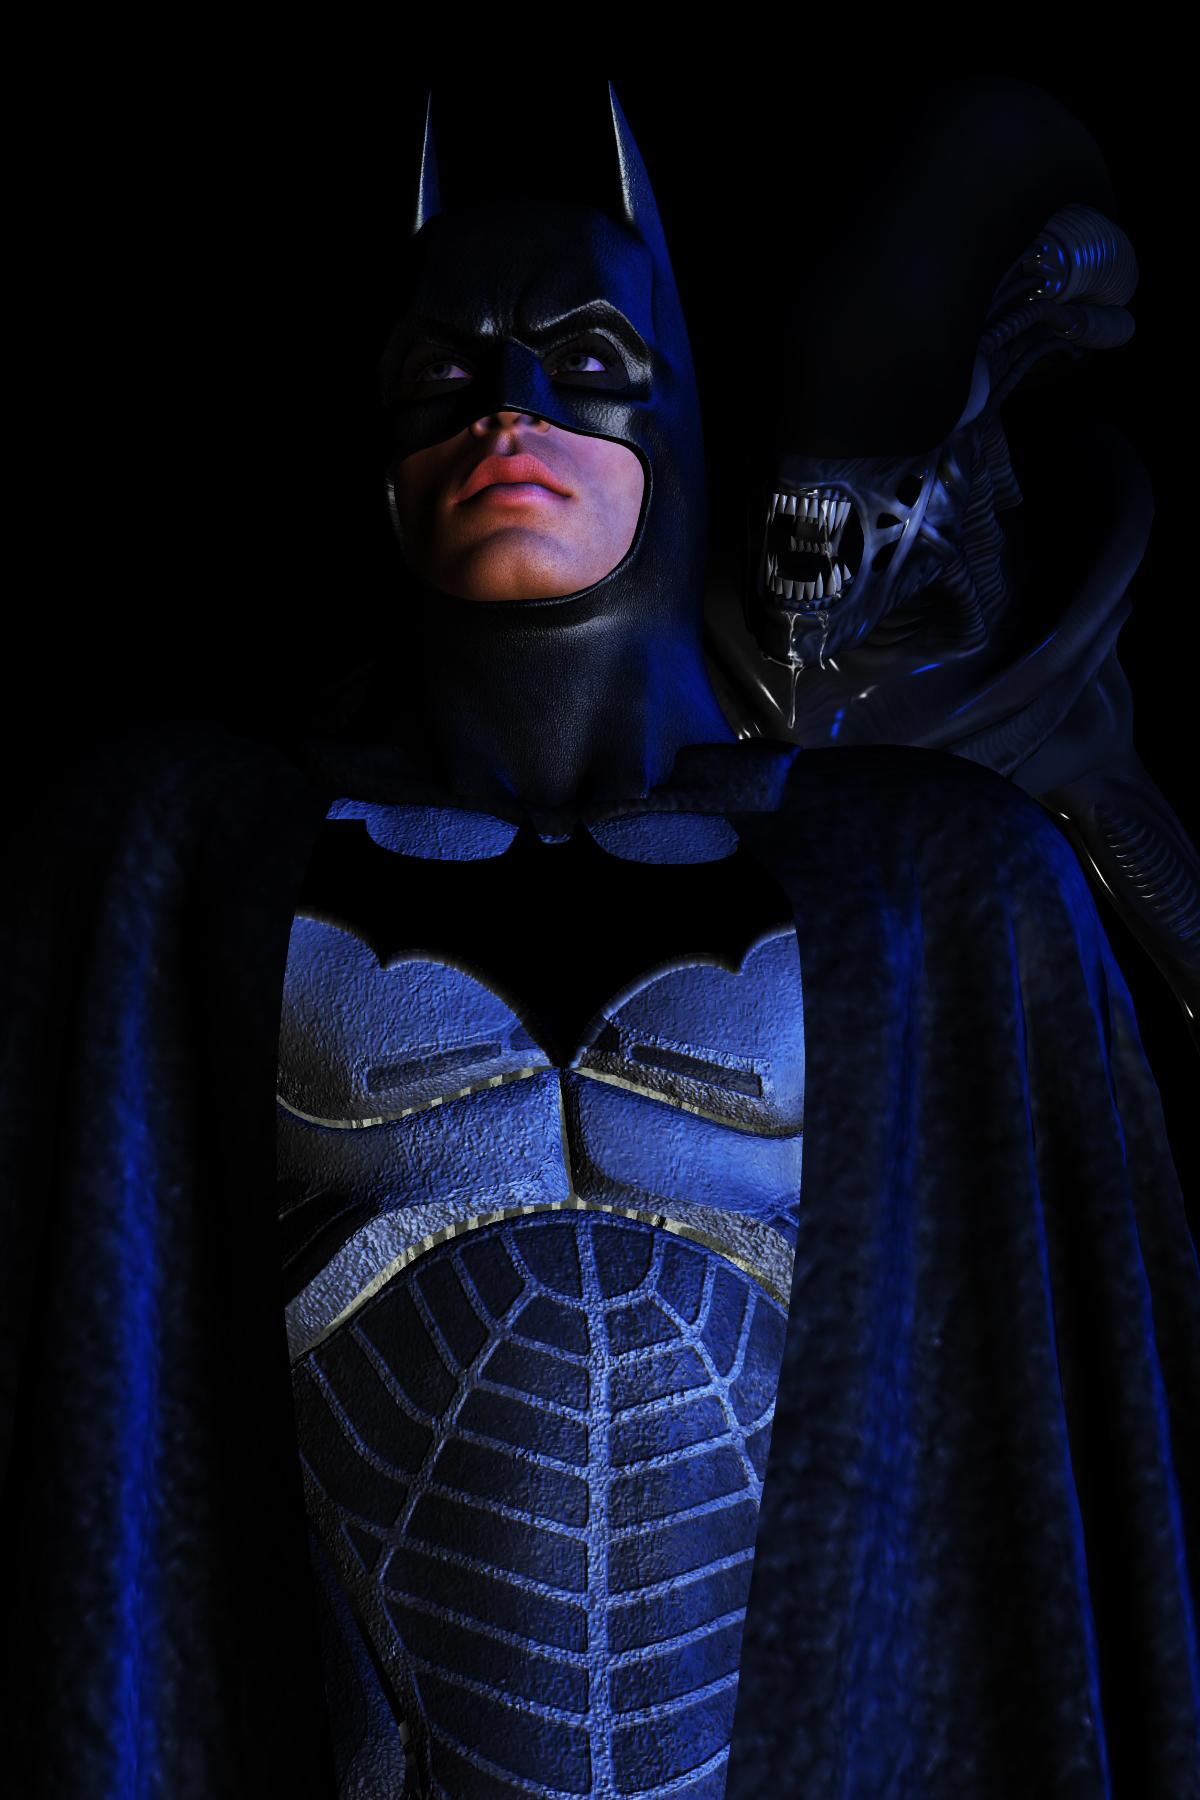 batman vs alien by - photo #10